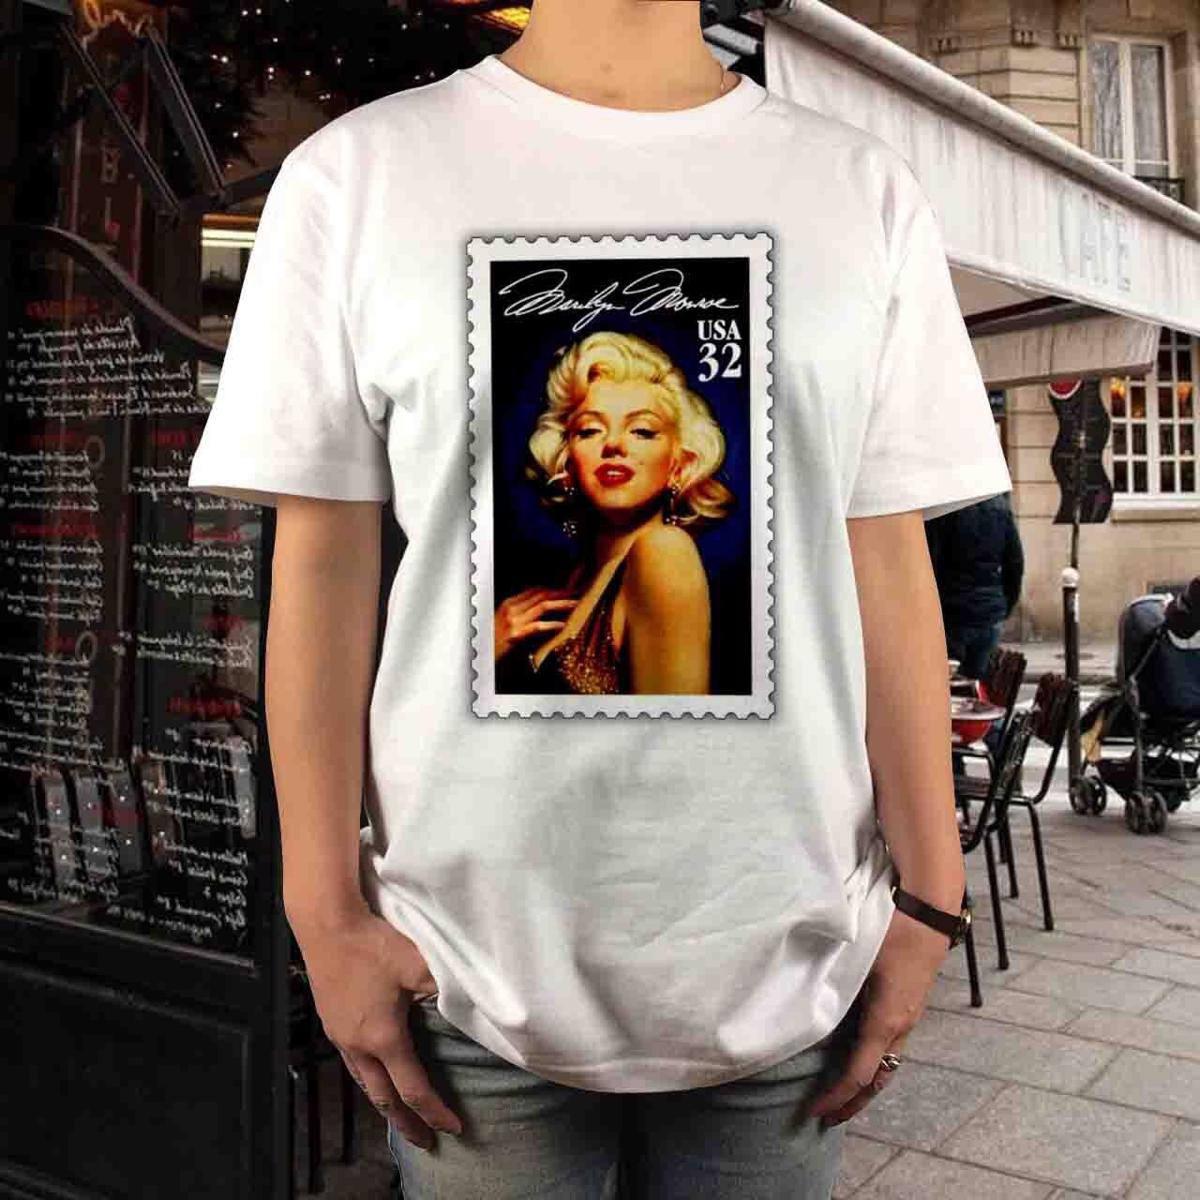 新品 マリリンモンロー 切手 デザイン Tシャツ S M L XL セクシー 大きい ビッグ オーバー サイズ XXL 3XL 4XL 5XL ロンT 長袖 黒対応可 グッズの画像